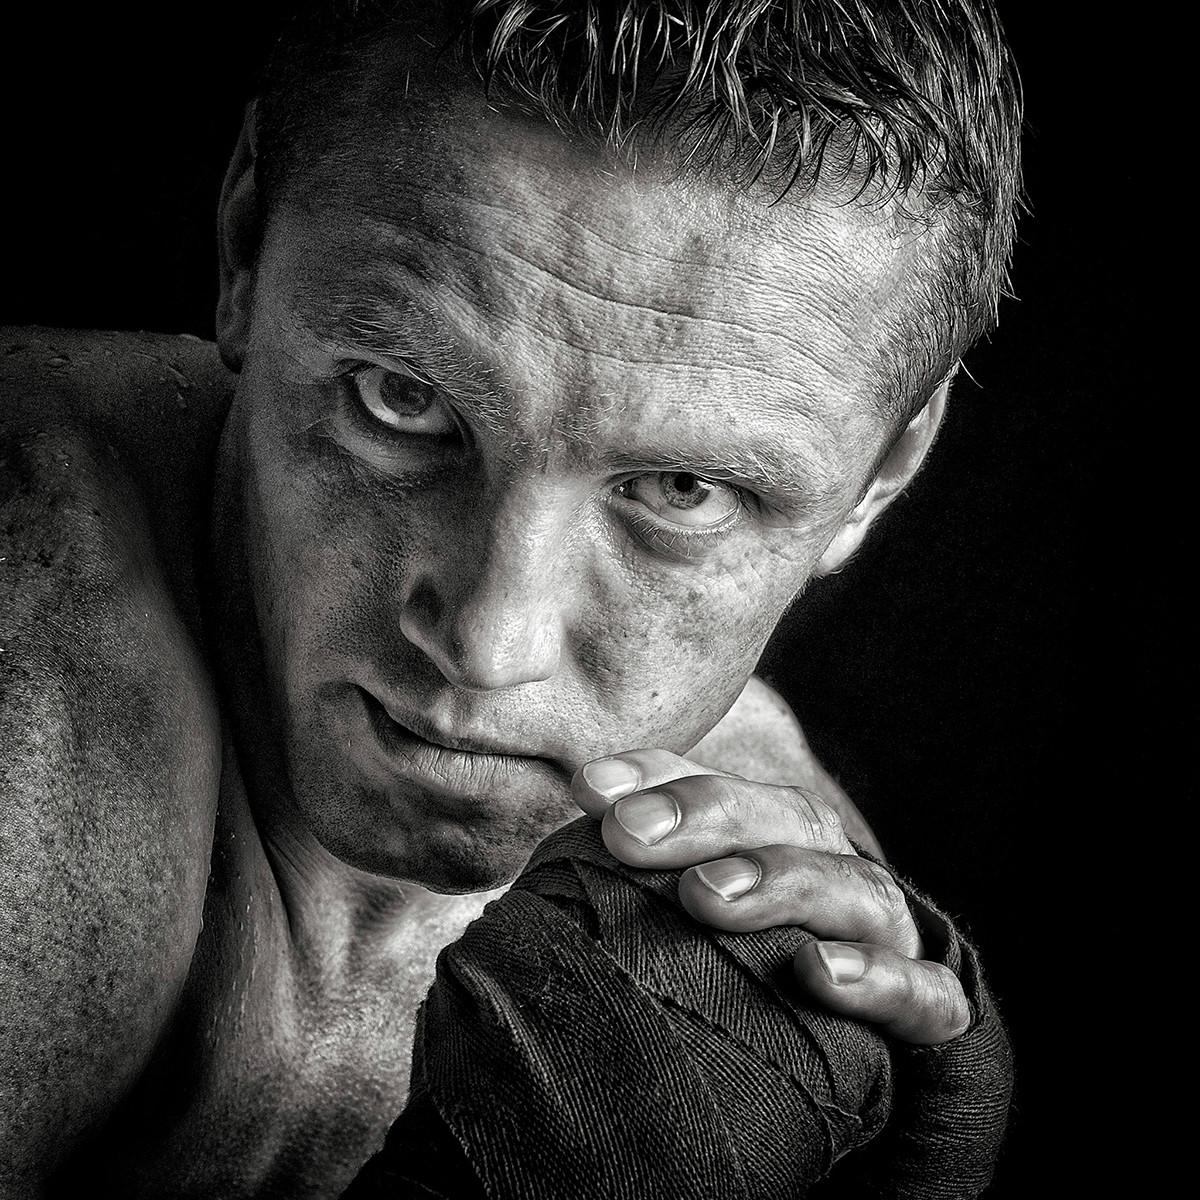 MONO - The Boxer by Vittorio Silvestri (16 marks)